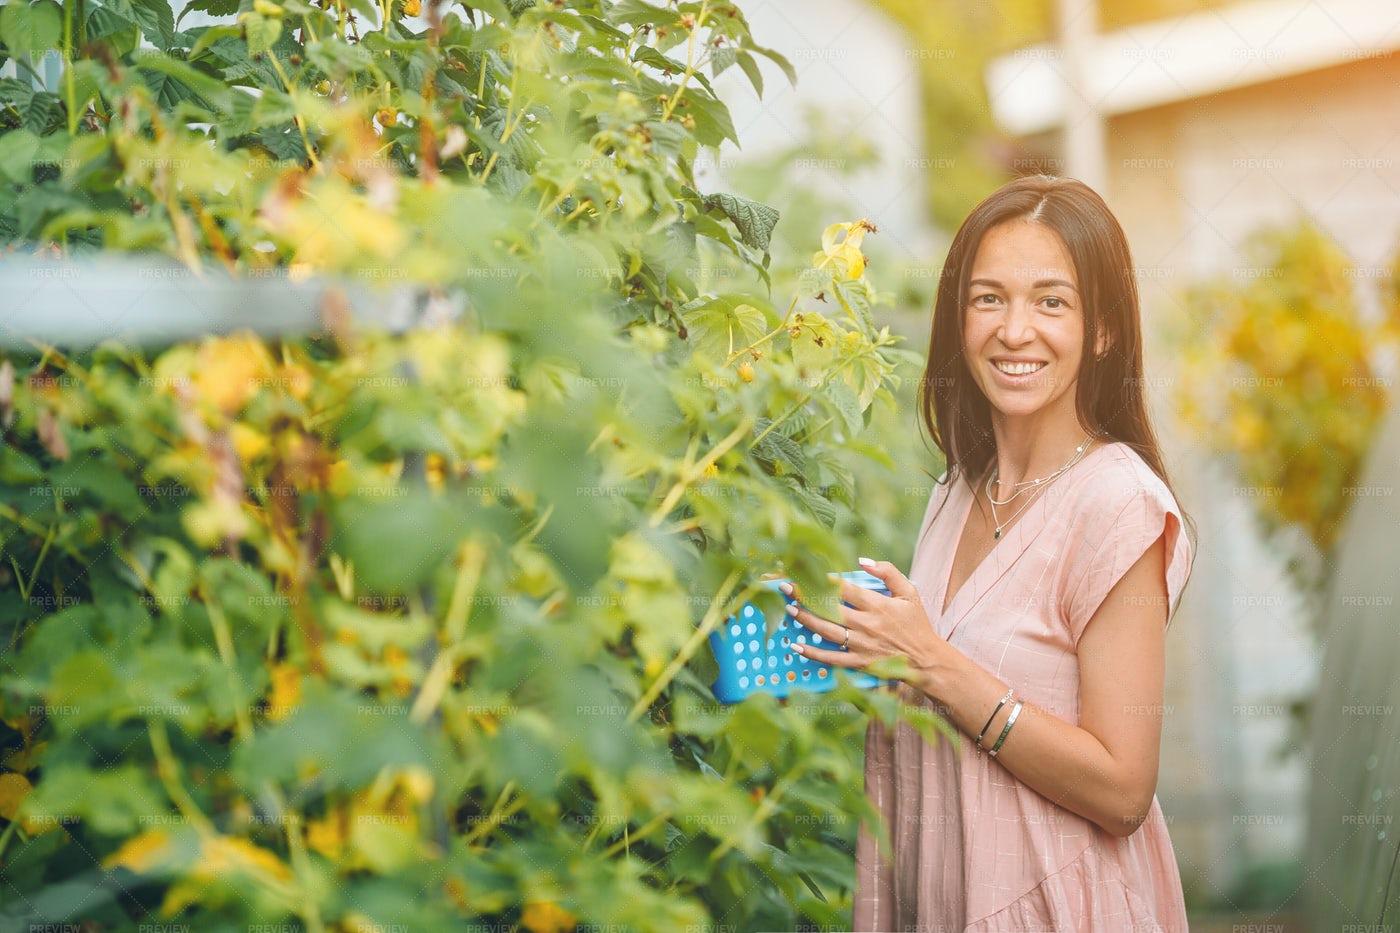 Woman In Garden: Stock Photos